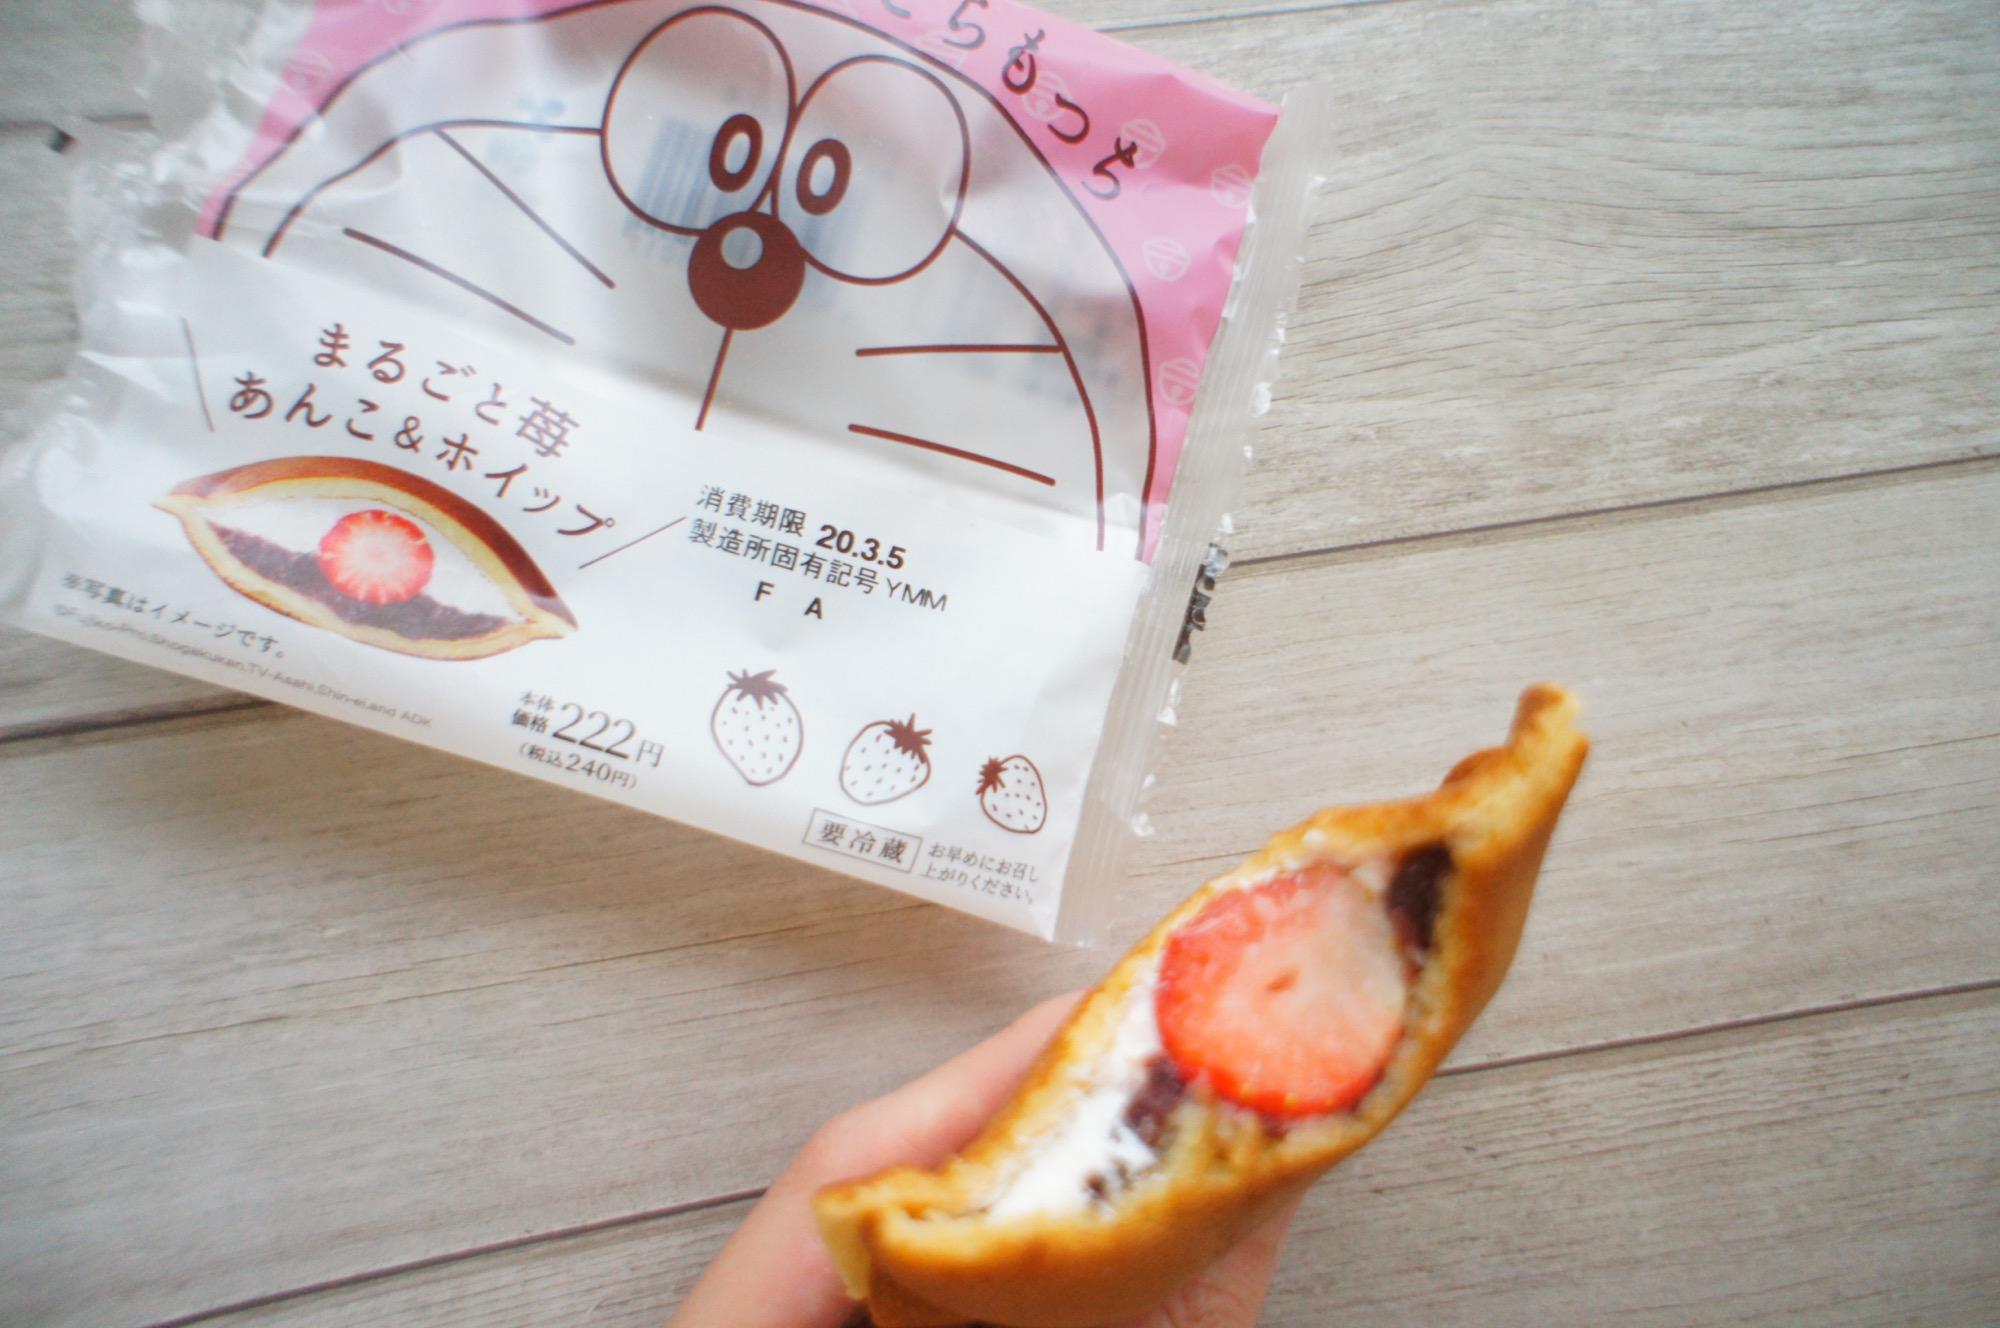 『クリスピー・クリーム・ドーナツ』のバーバパパコラボが可愛すぎて食べられない!? コンビニスイーツも気になる♪【今週のモアハピ部人気ランキング】_3_2